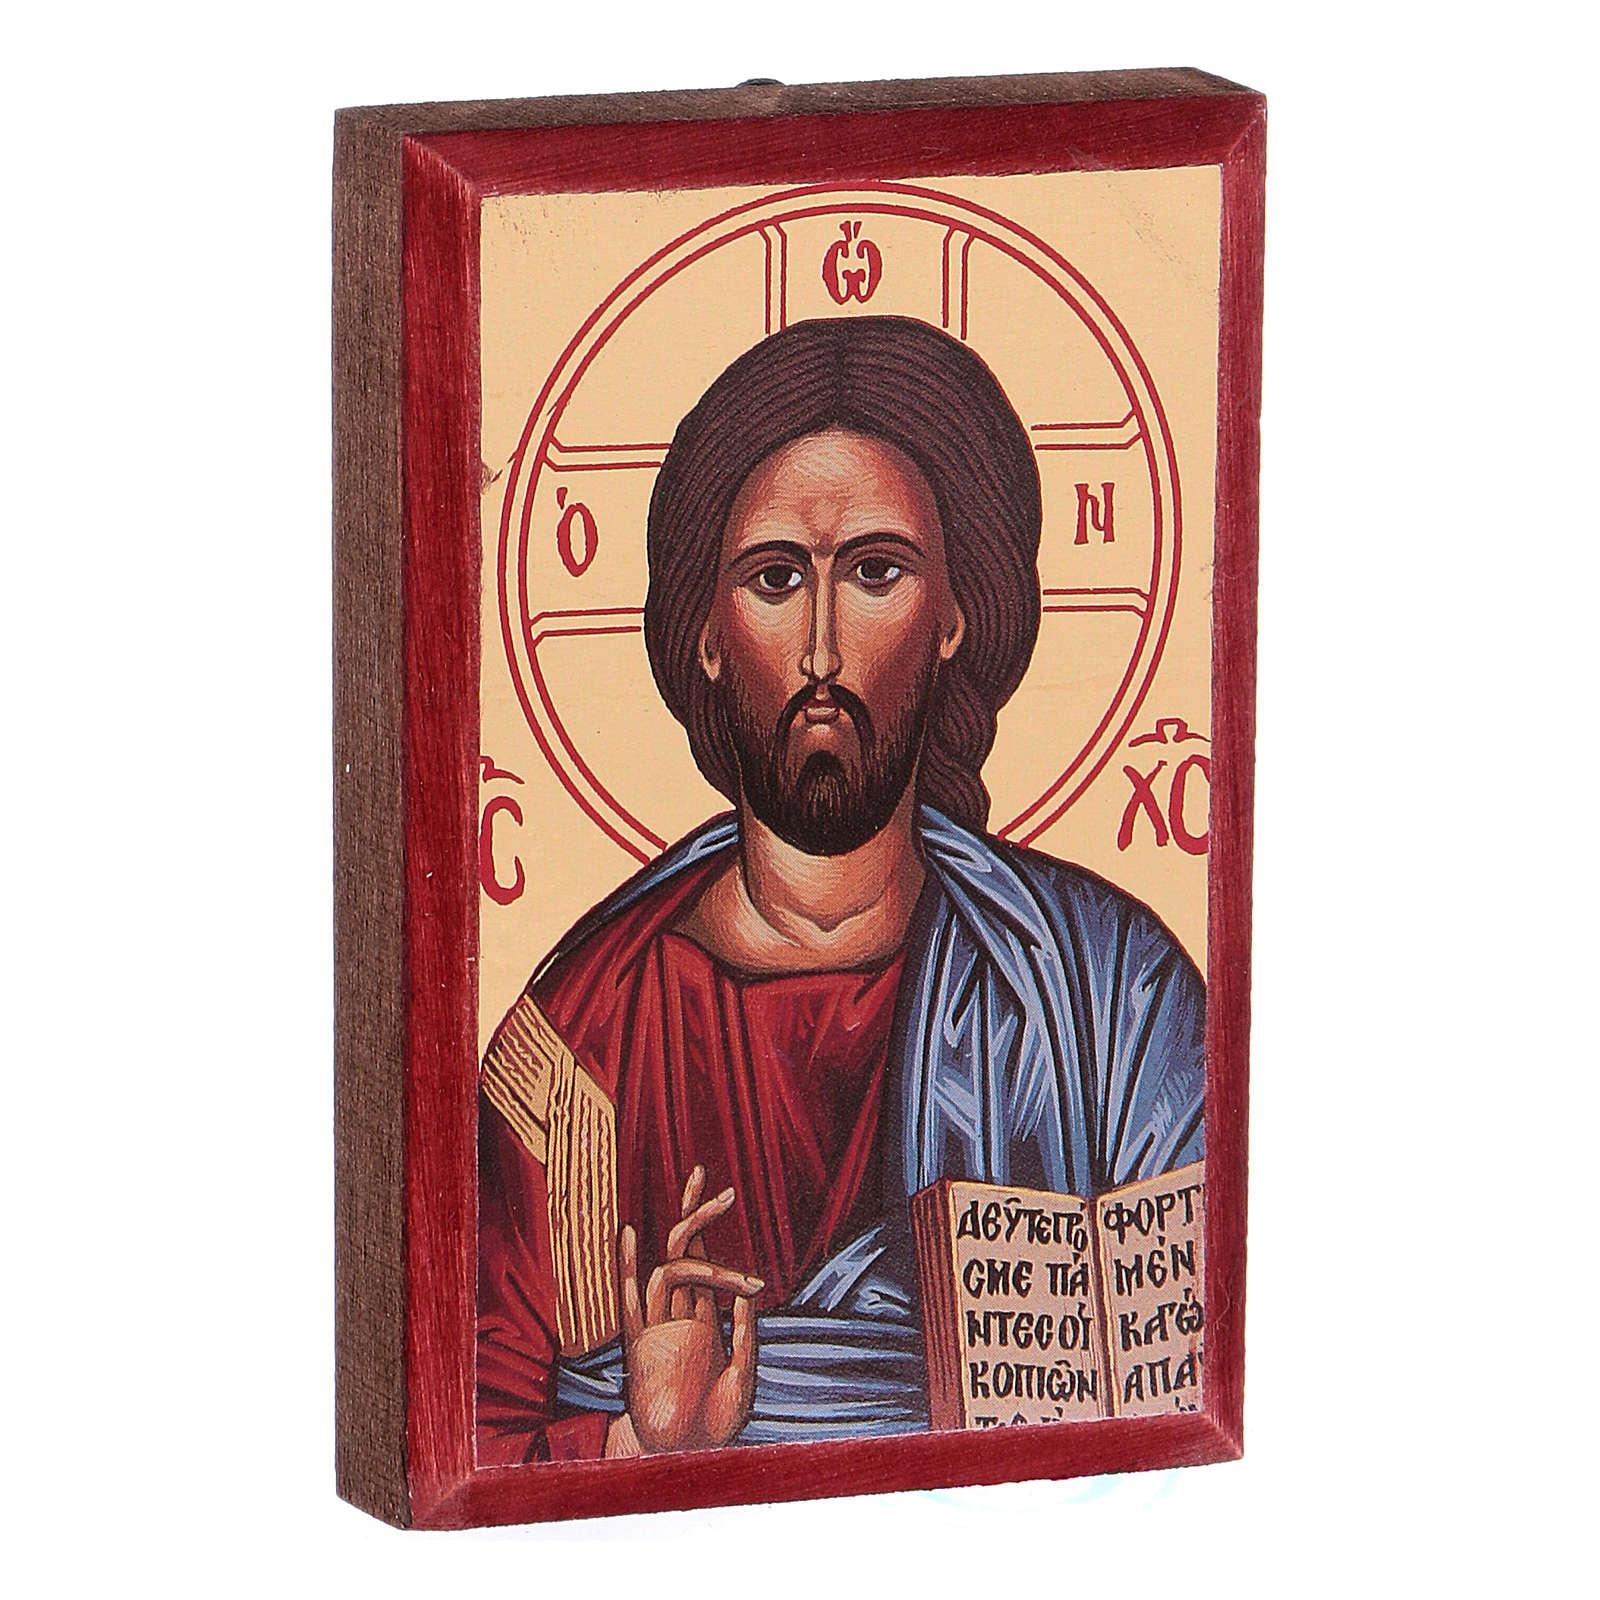 Íconos estampados Jesús, María, 4